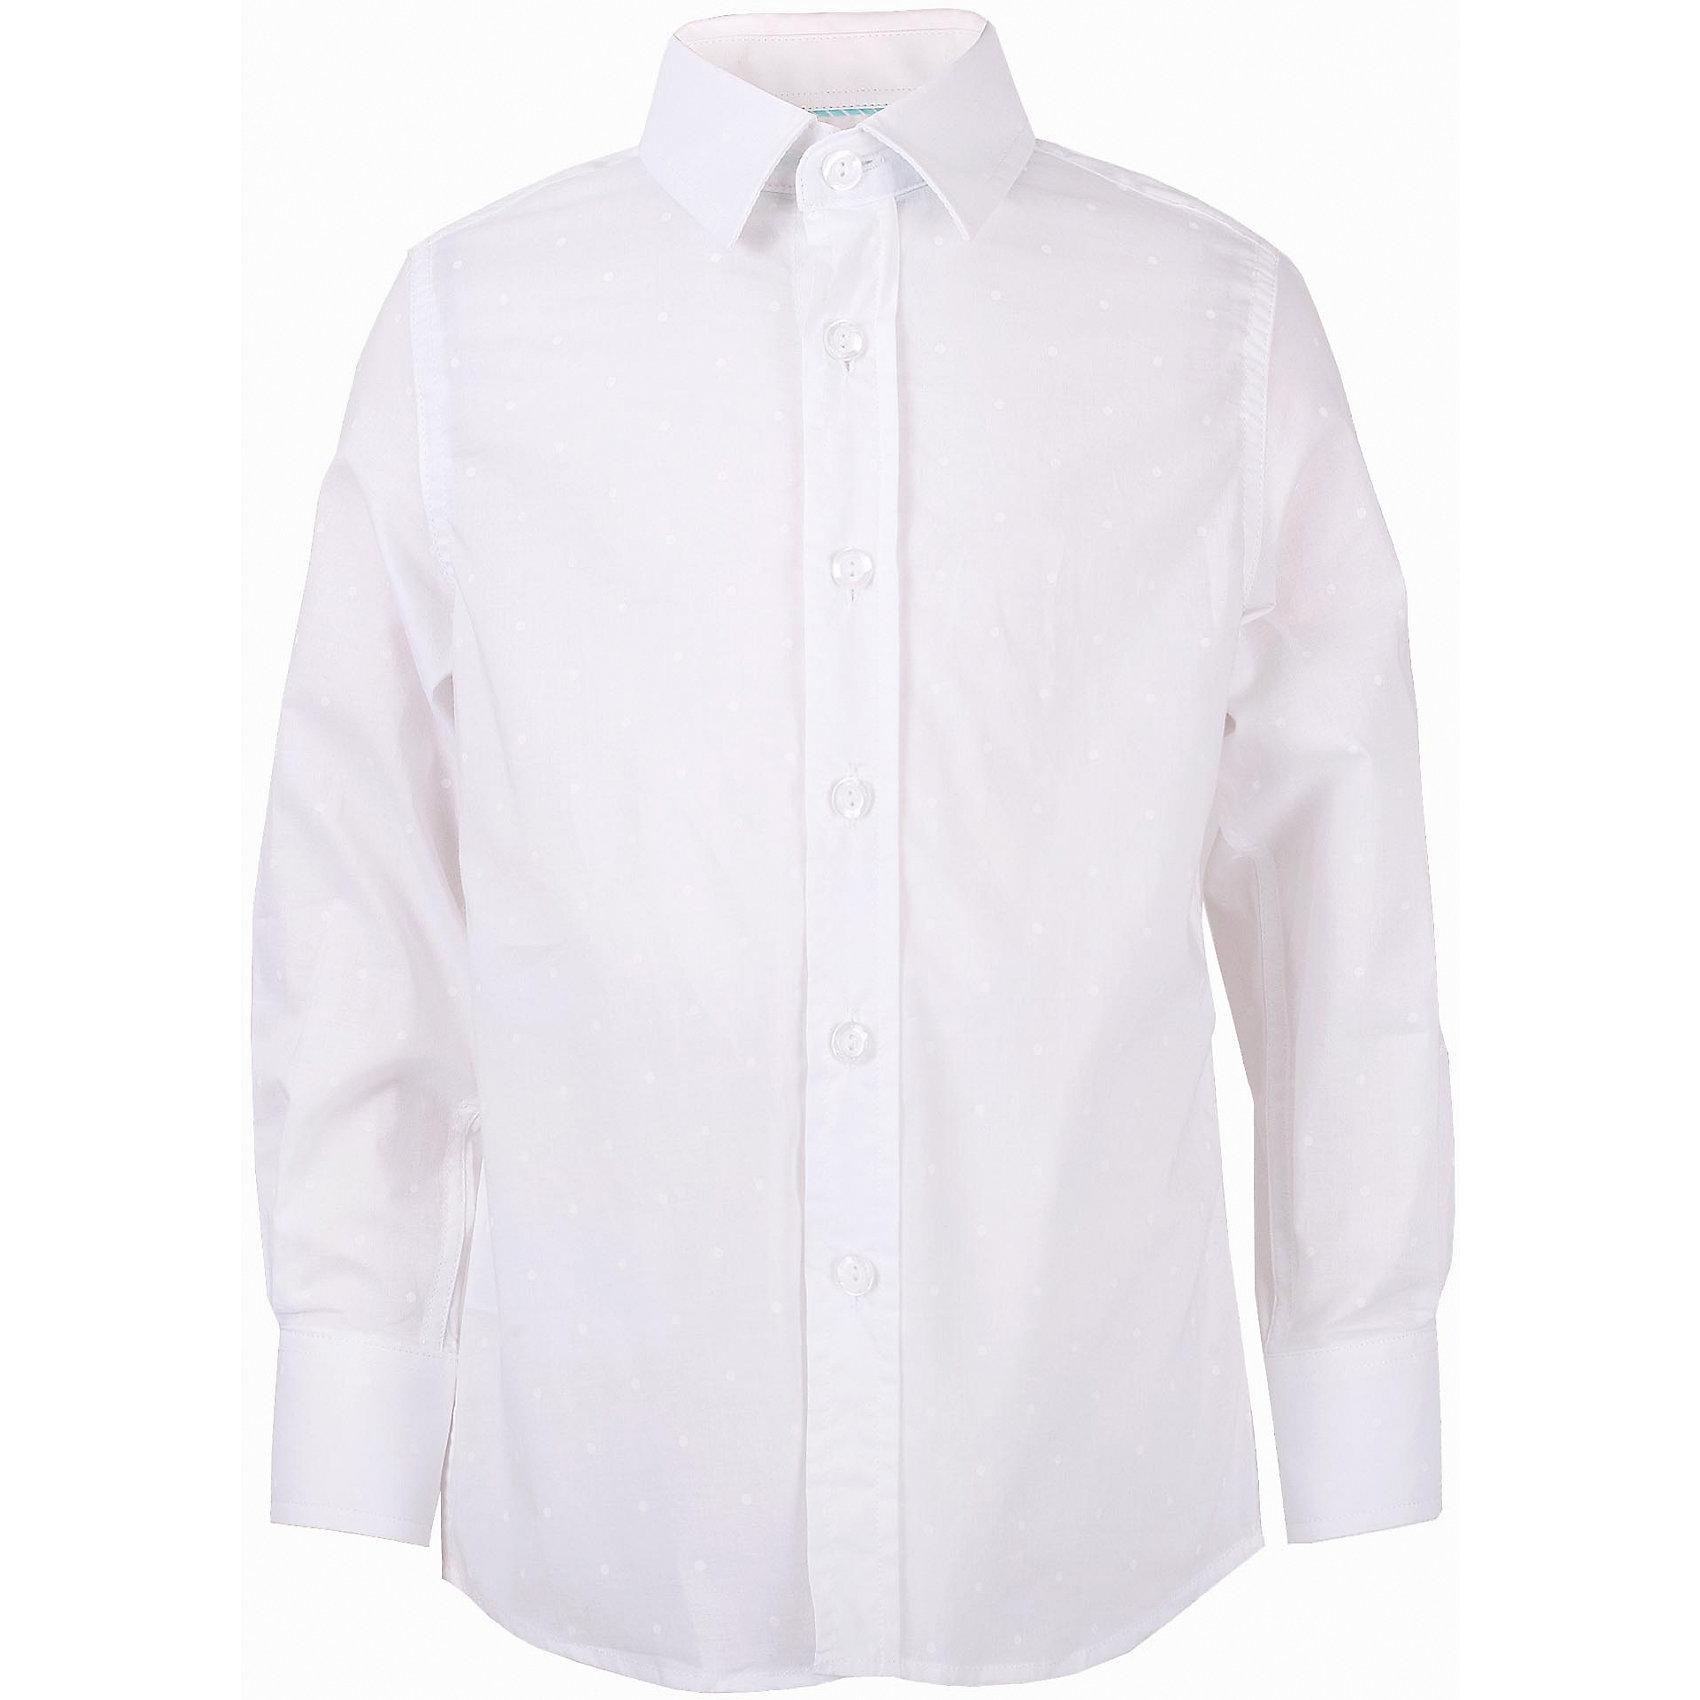 Рубашка для мальчика GulliverБлузки и рубашки<br>Модная рубашка для мальчика сделает образ ребенка новым и необычным! Интересная фактурная ткань, чуть приталенный силуэт делают рубашку эффектным элементом нарядного летнего гардероба! Если вы хотите купить оригинальную рубашку из 100% хлопка, которая способна подчеркнуть красоту и торжественность момента, эта рубашка - достойный выбор! В ней ребенку гарантирован прекрасный внешний вид, а также комфорт и свобода движений.<br>Состав:<br>100% хлопок<br><br>Ширина мм: 174<br>Глубина мм: 10<br>Высота мм: 169<br>Вес г: 157<br>Цвет: белый<br>Возраст от месяцев: 108<br>Возраст до месяцев: 120<br>Пол: Мужской<br>Возраст: Детский<br>Размер: 140,134,122,128<br>SKU: 5483310